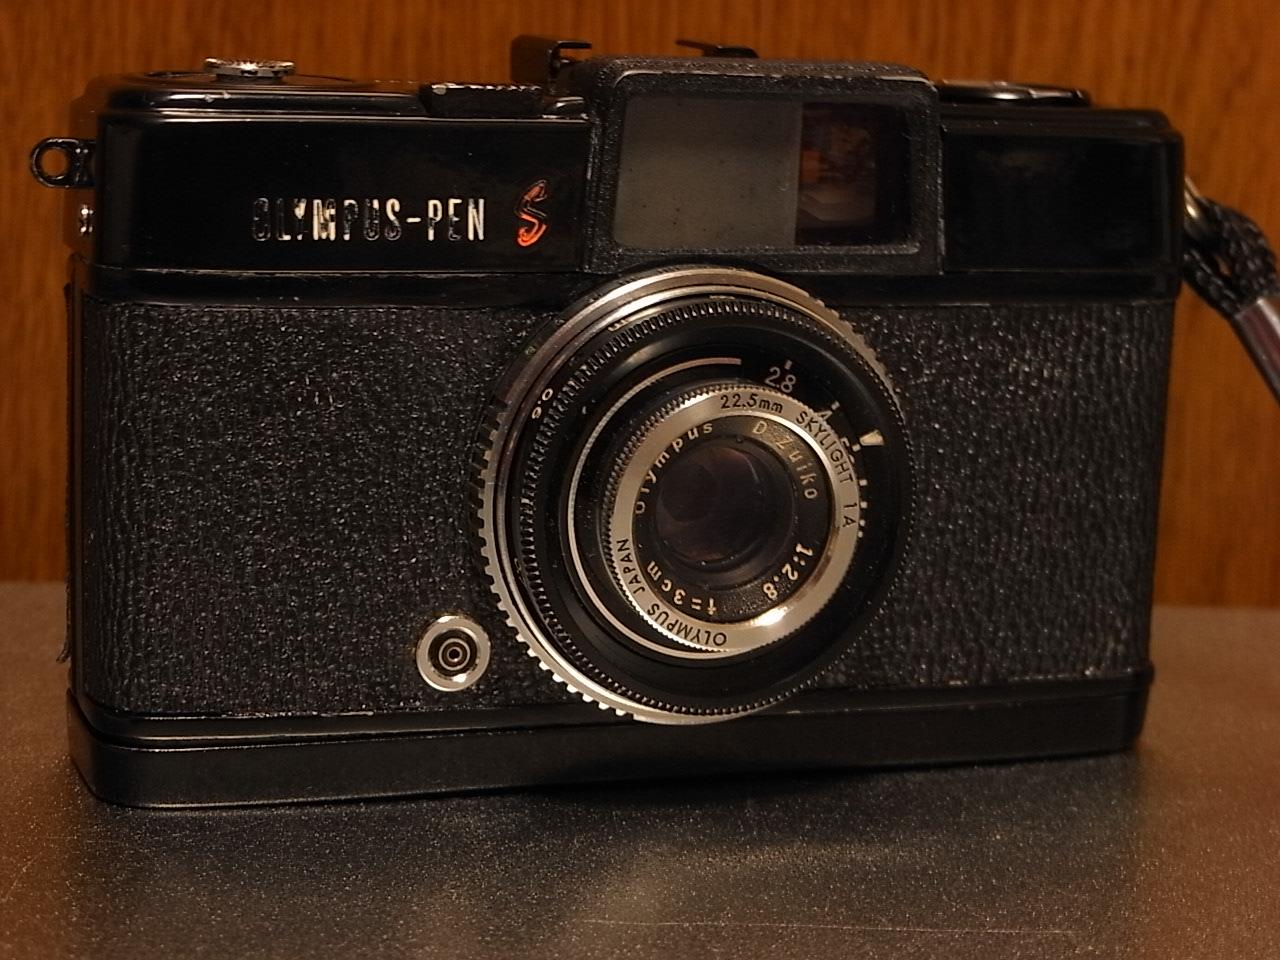 f0209159_19291197.jpg